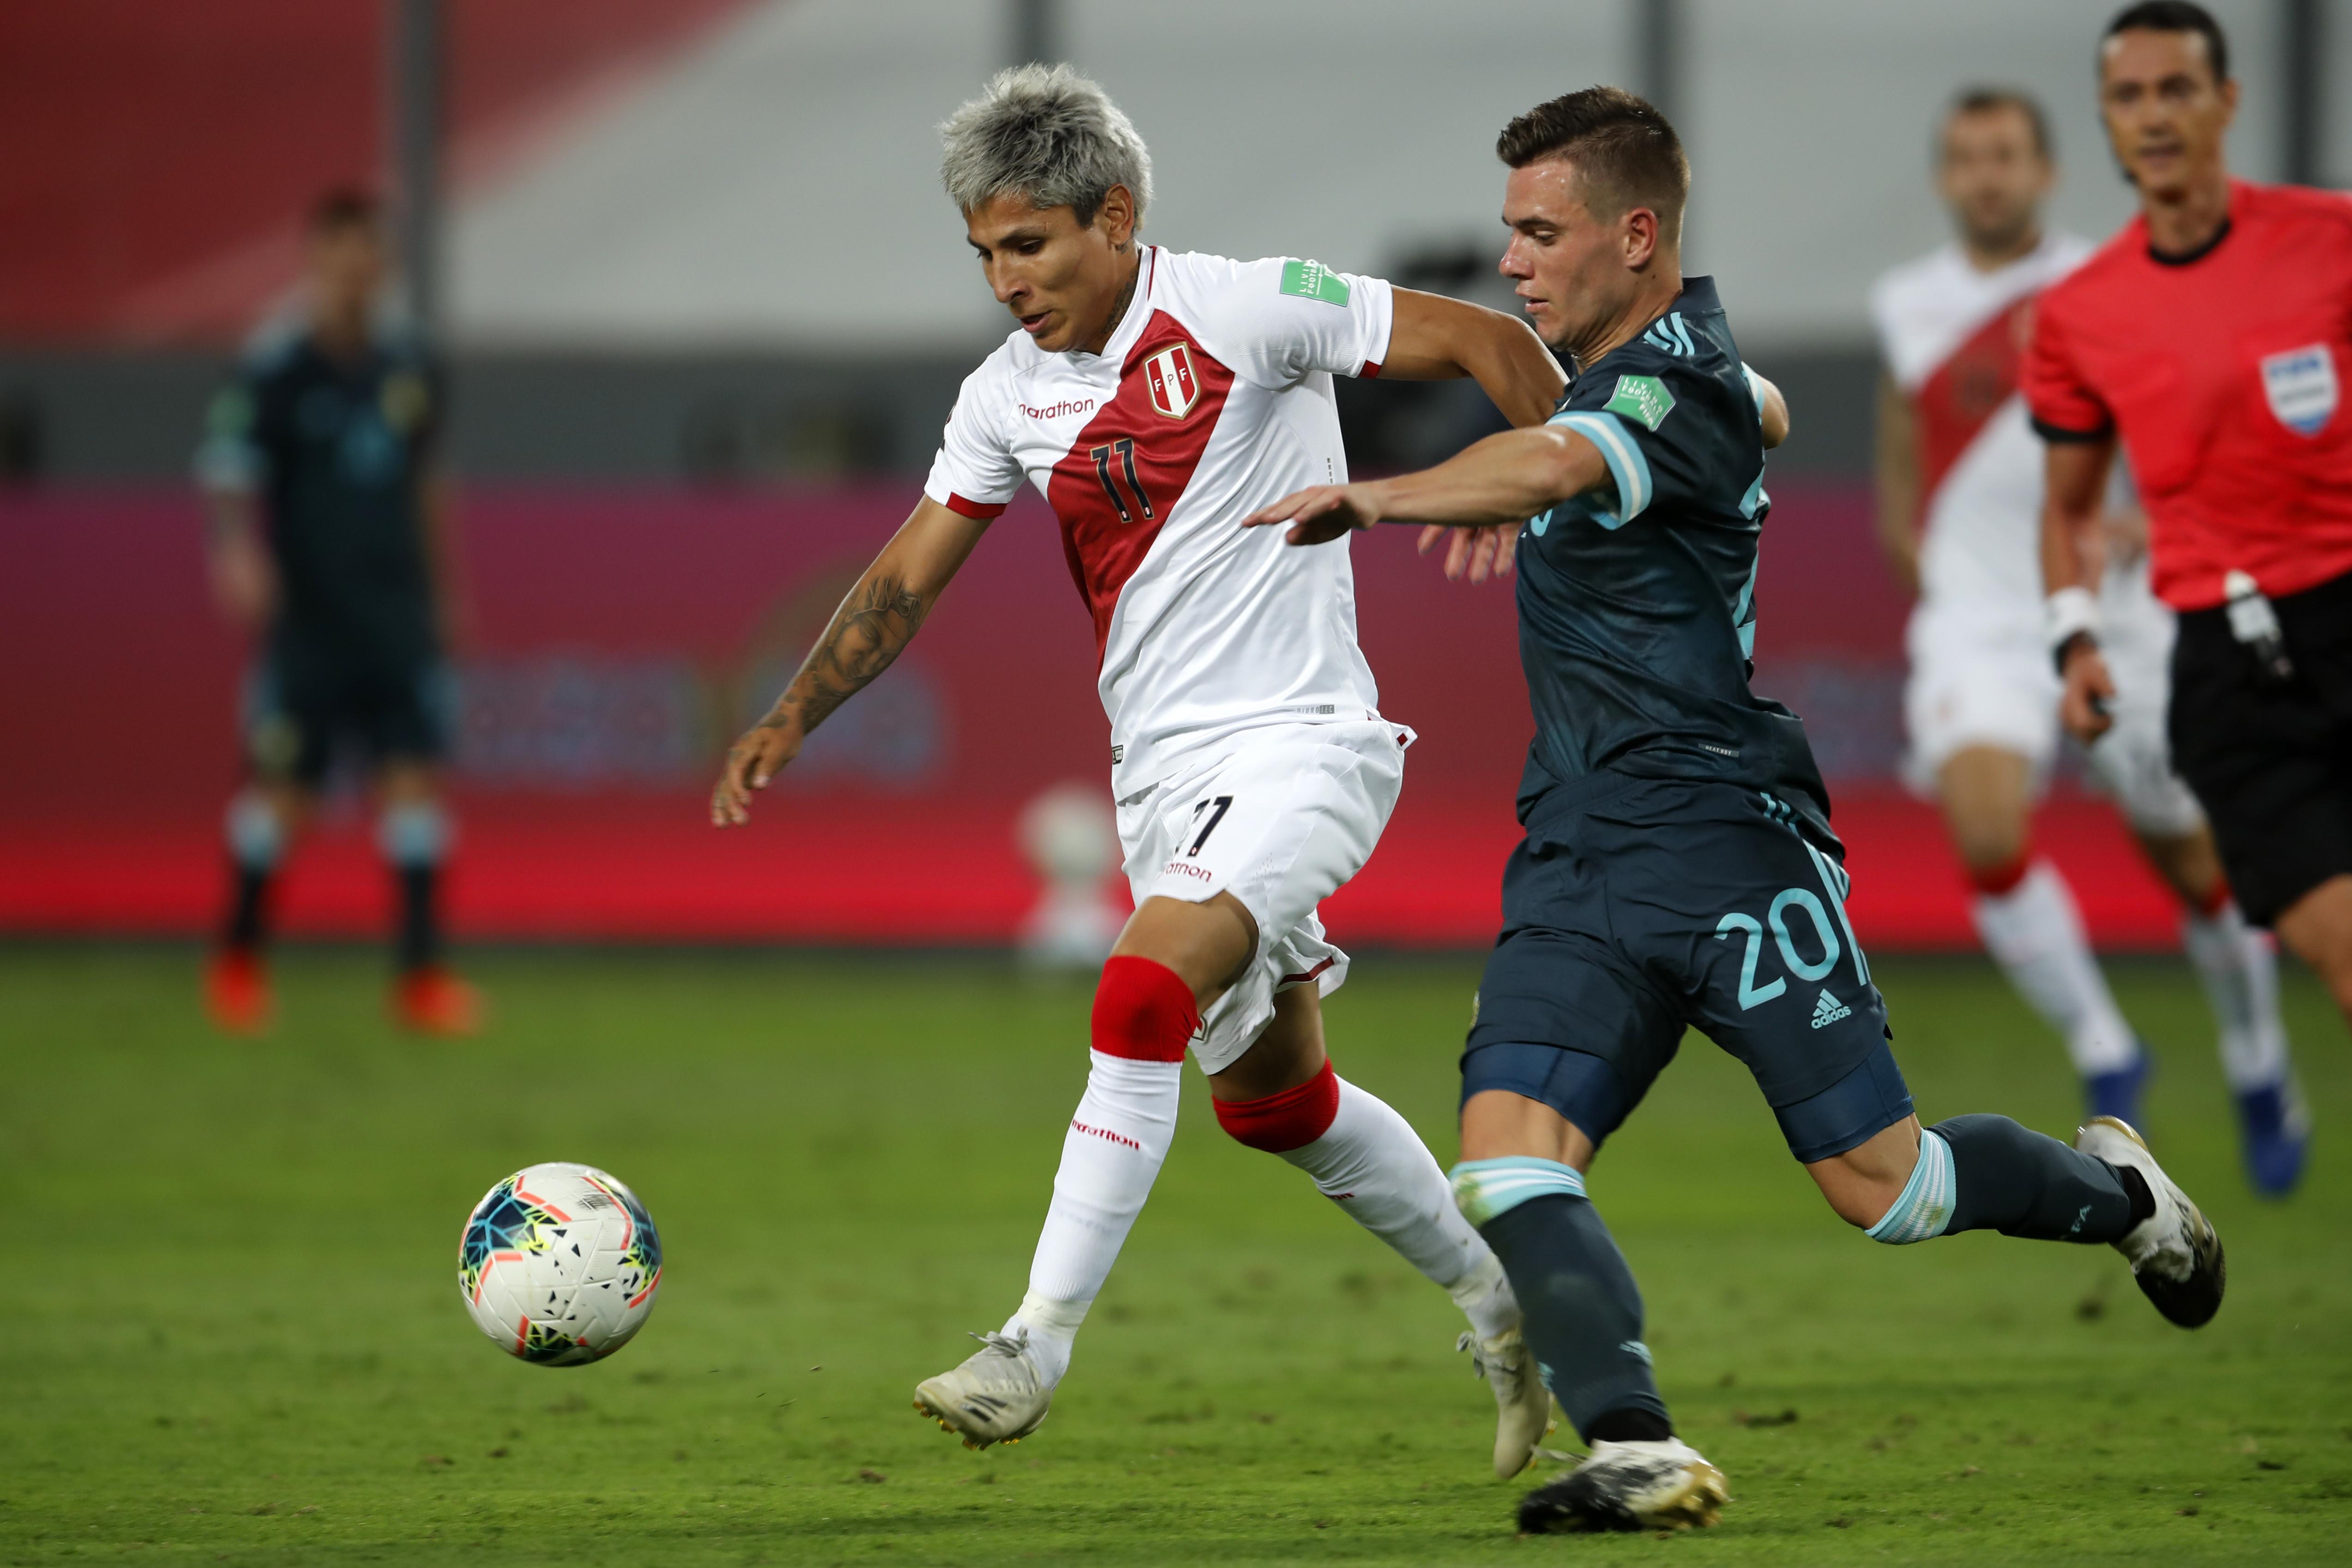 秘鲁vs阿根廷-卡塔尔2022南美预选赛